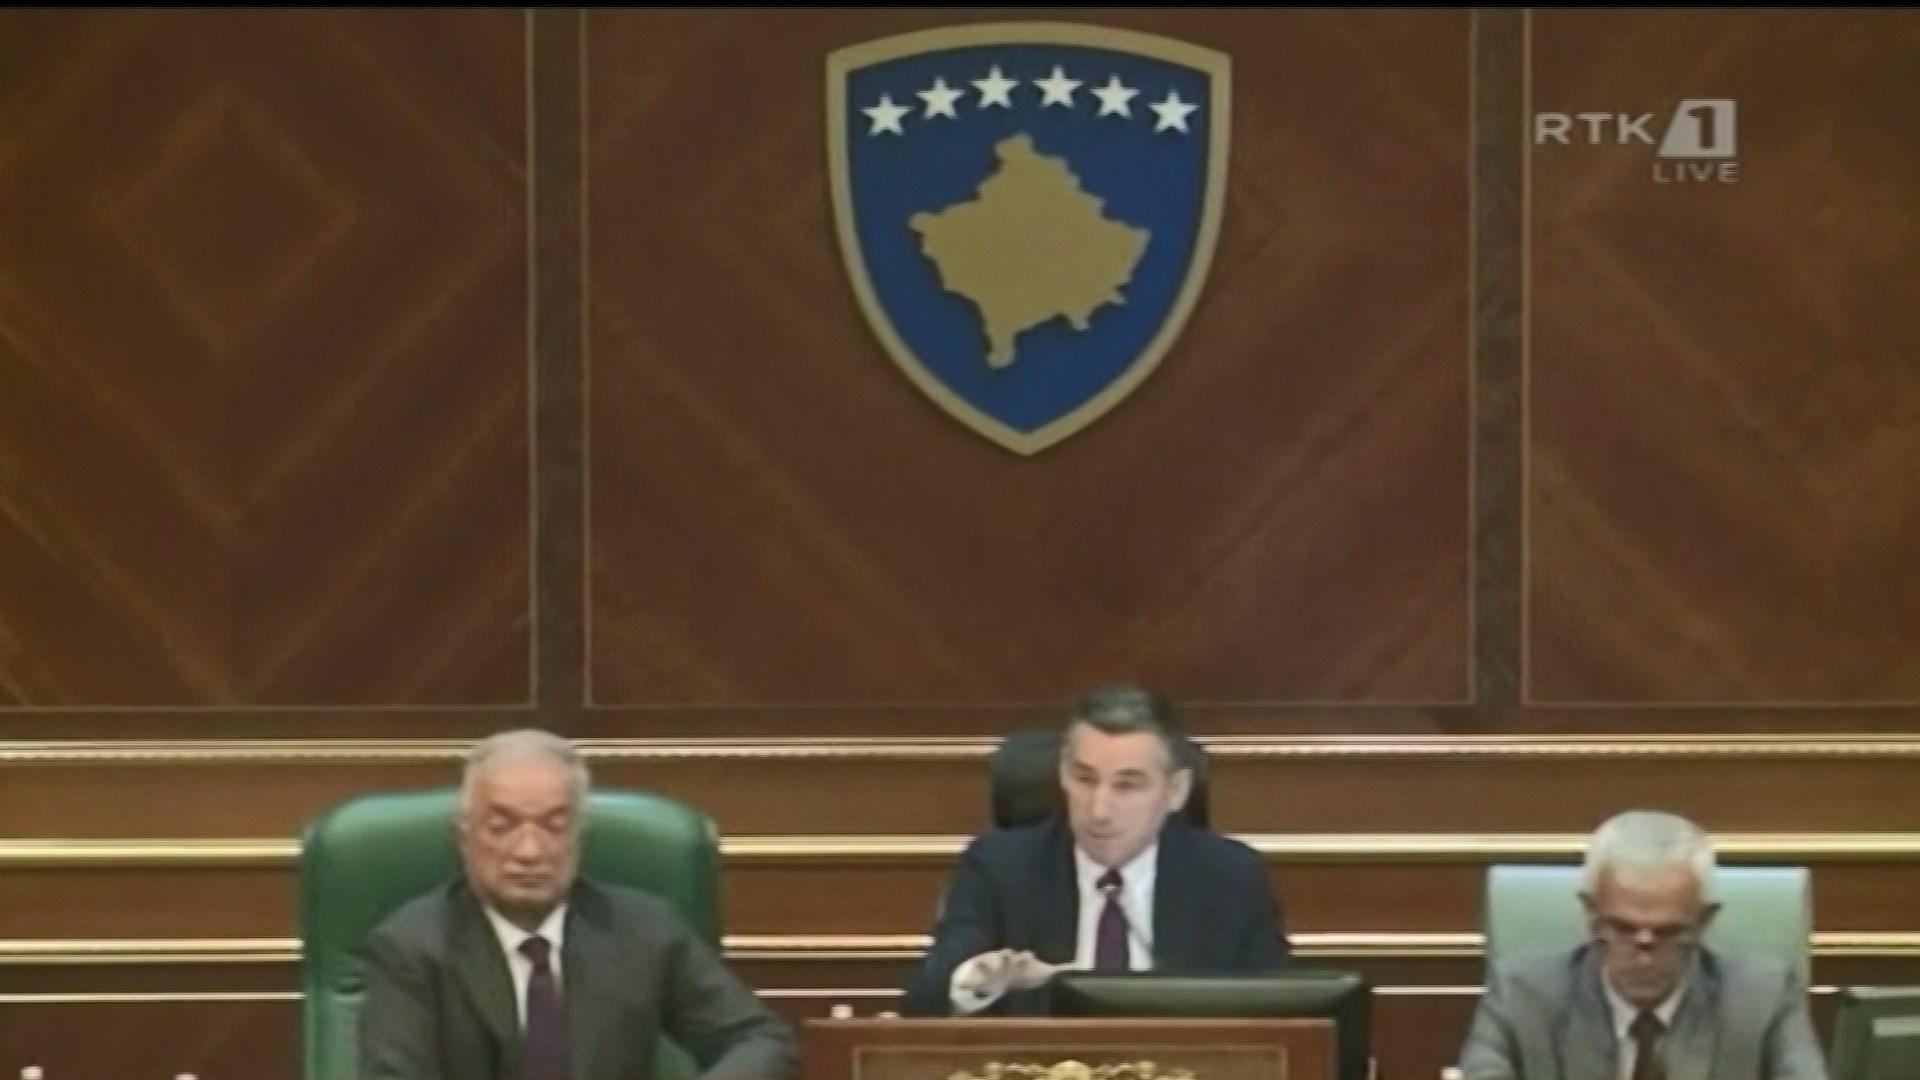 Seanca e jashtëzakonshme e Parlamentit të Kosovës me kërkesën e opozitës